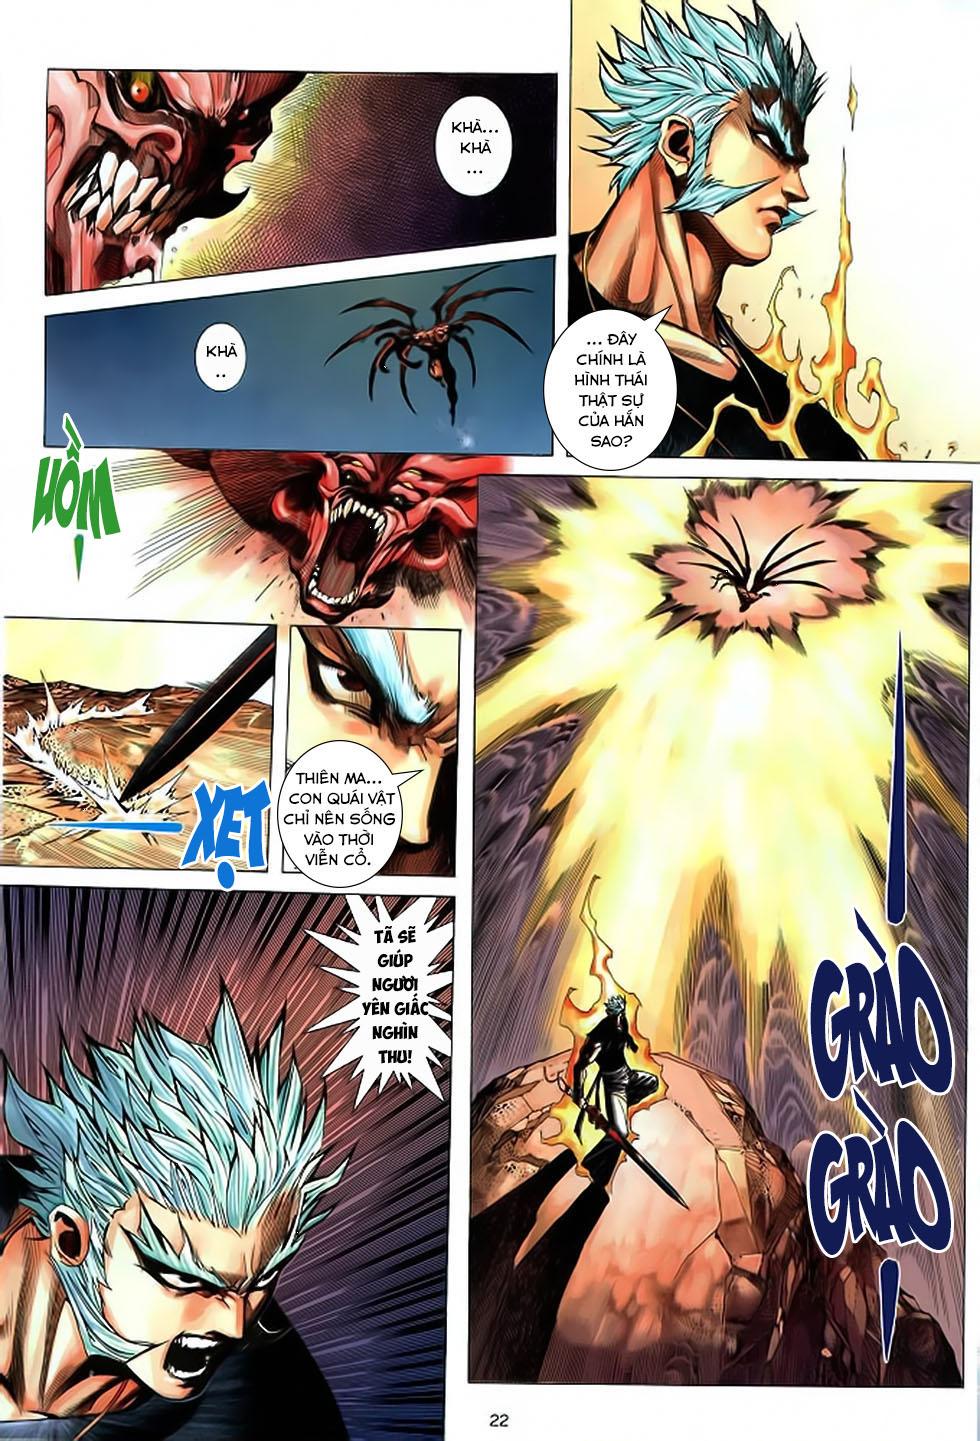 Chiến Thần Ký chap 39 - Trang 23